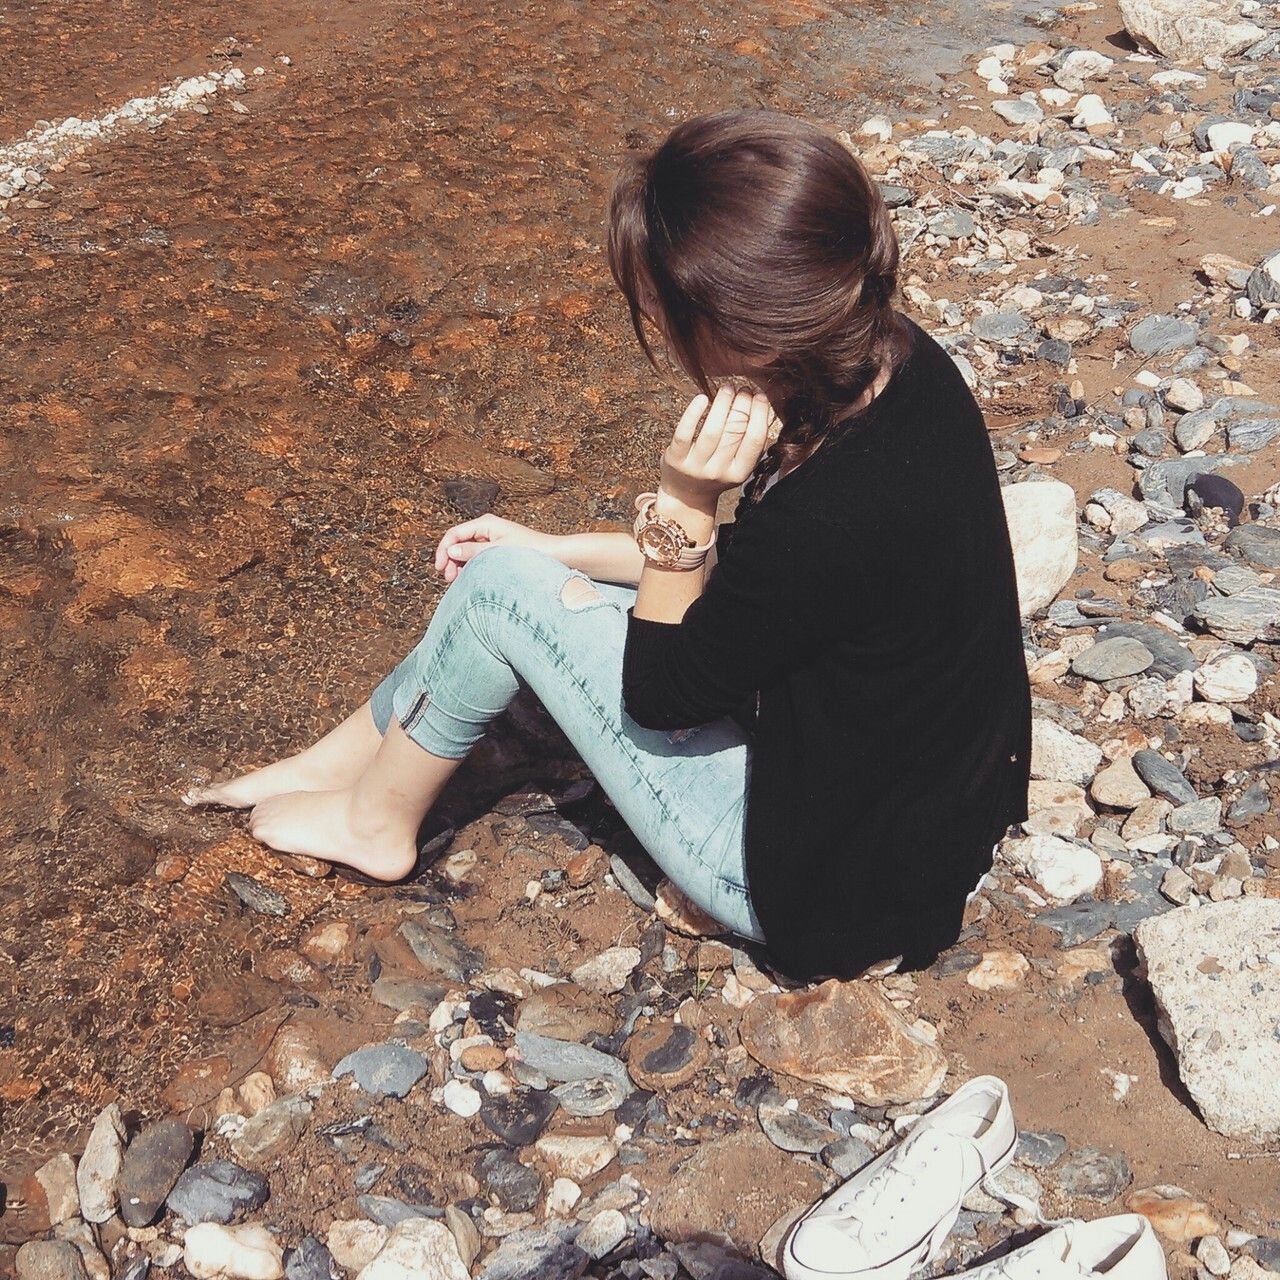 Girl Hiding Face, Girl Photo Poses, Profile